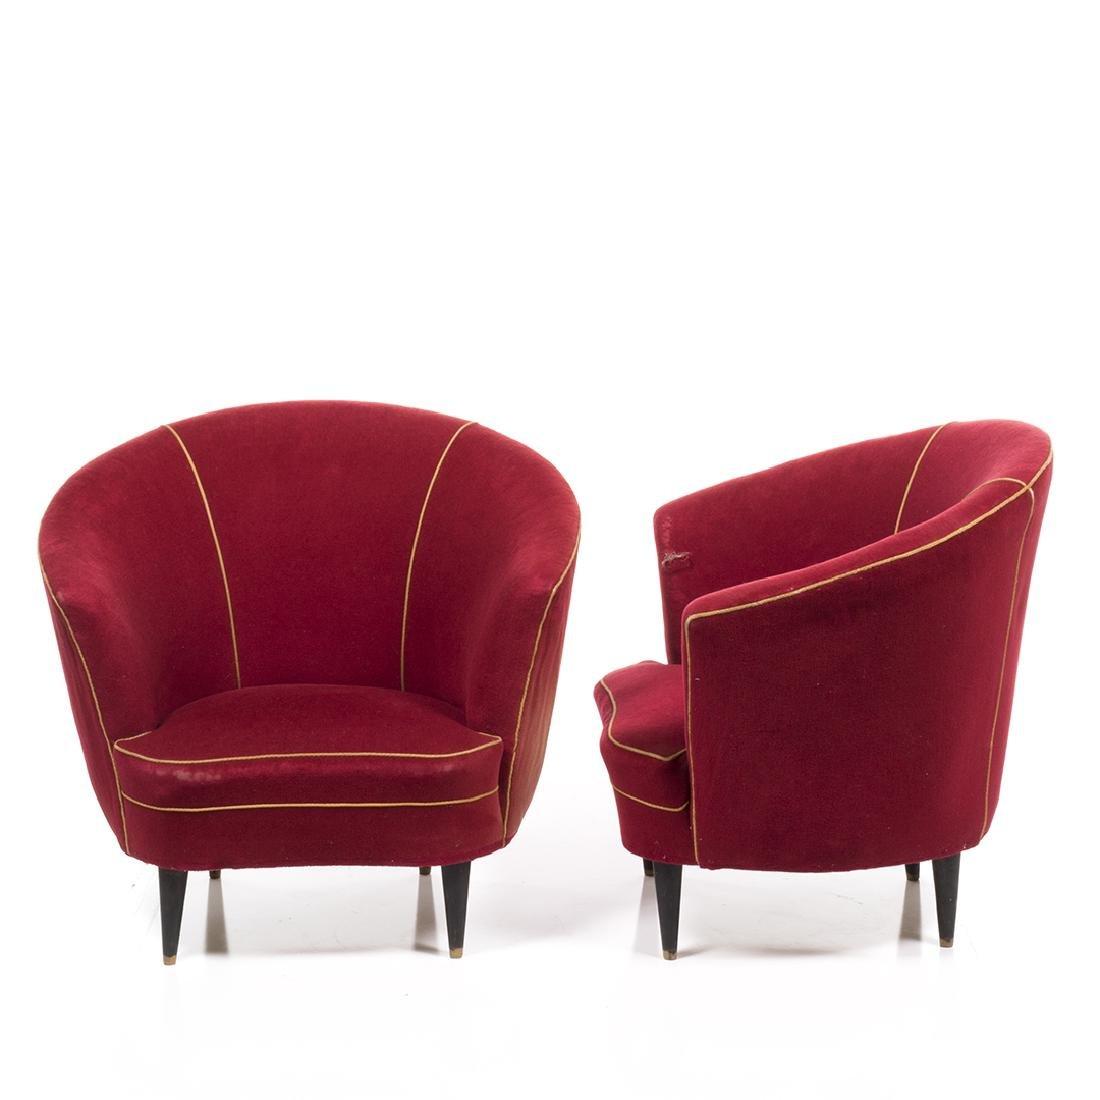 Italian Lounge Chairs (2) - 2